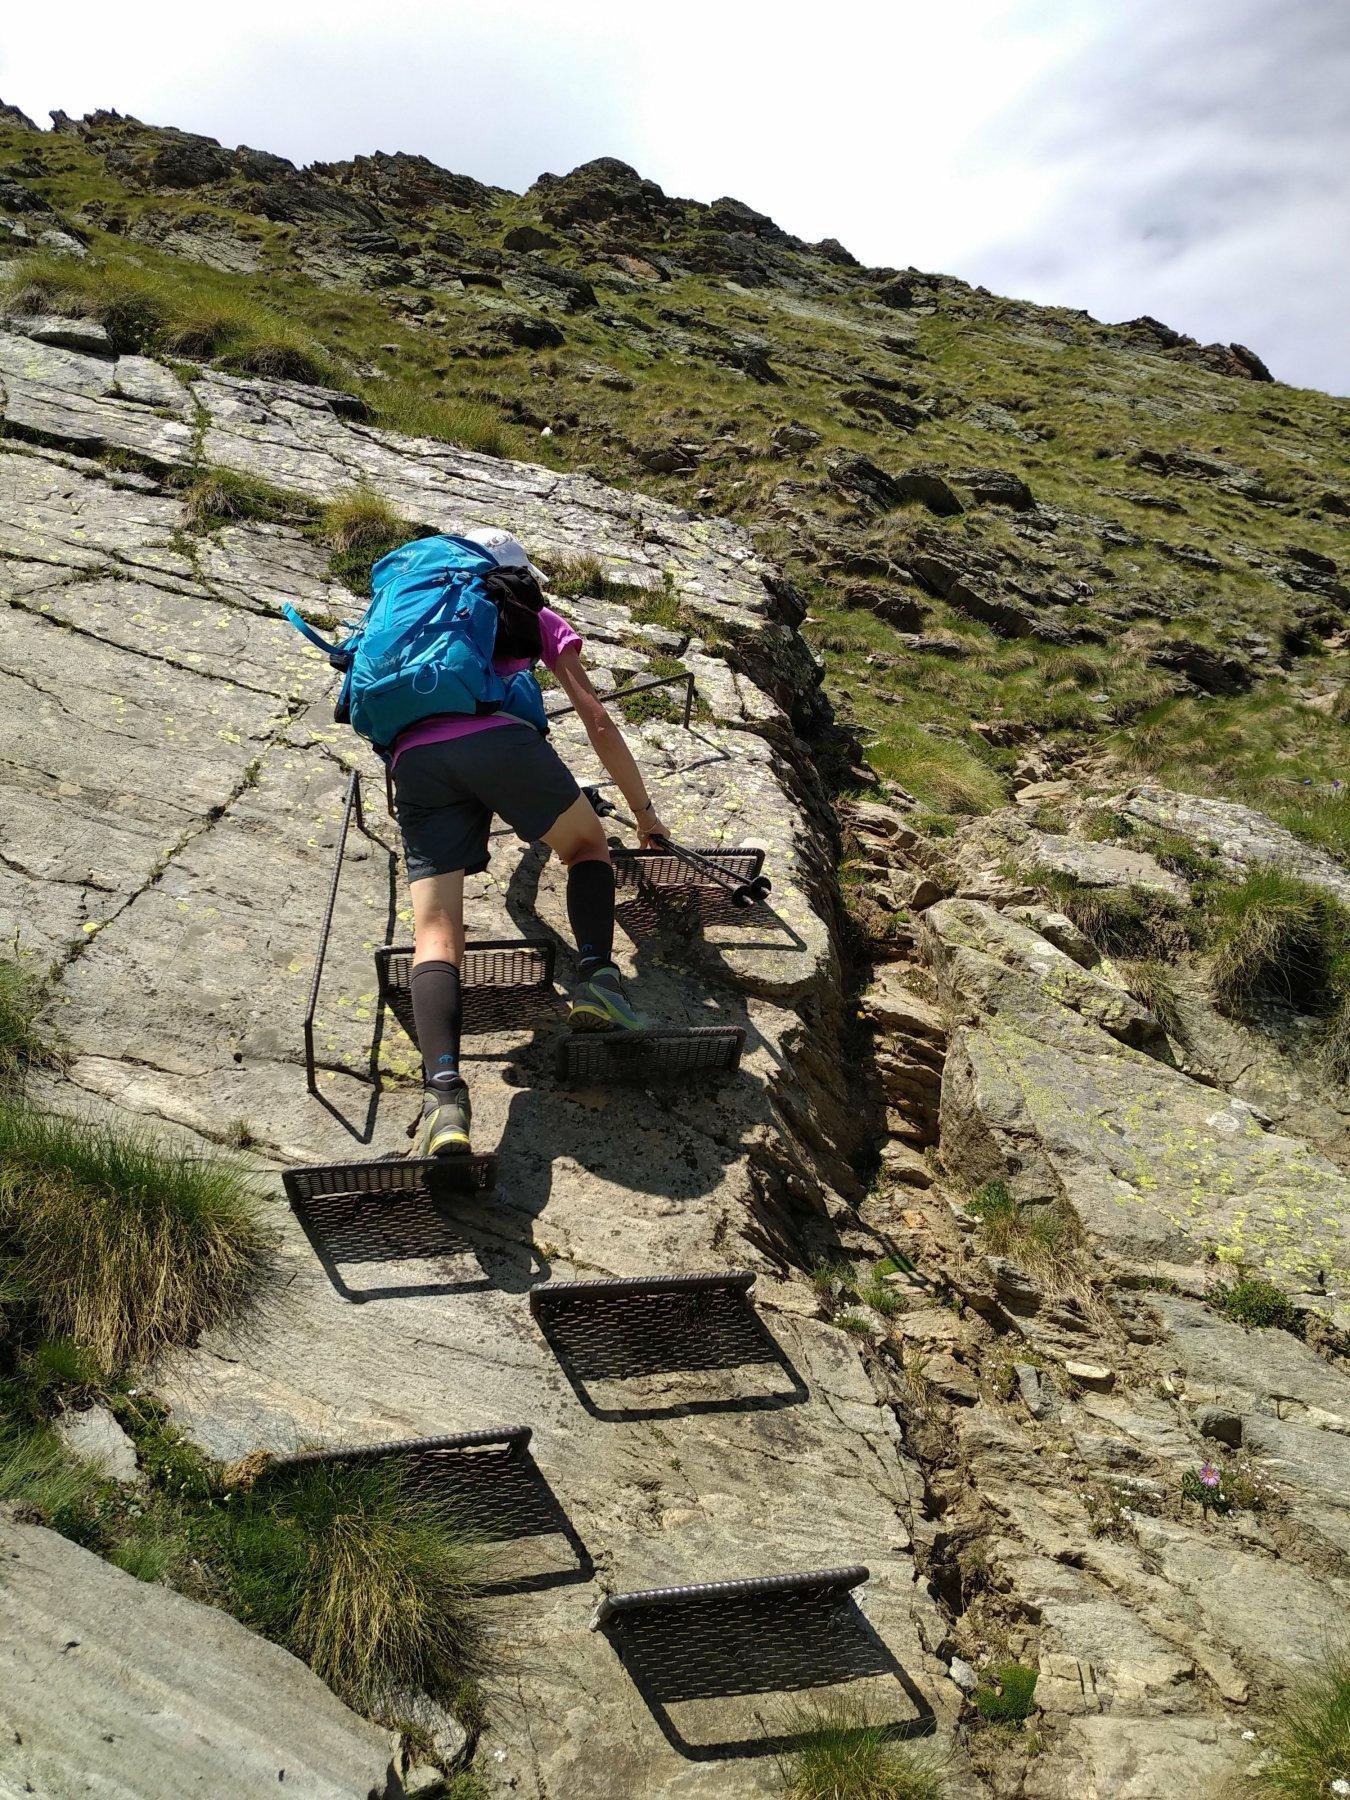 il tratto con gli scalini in ferro